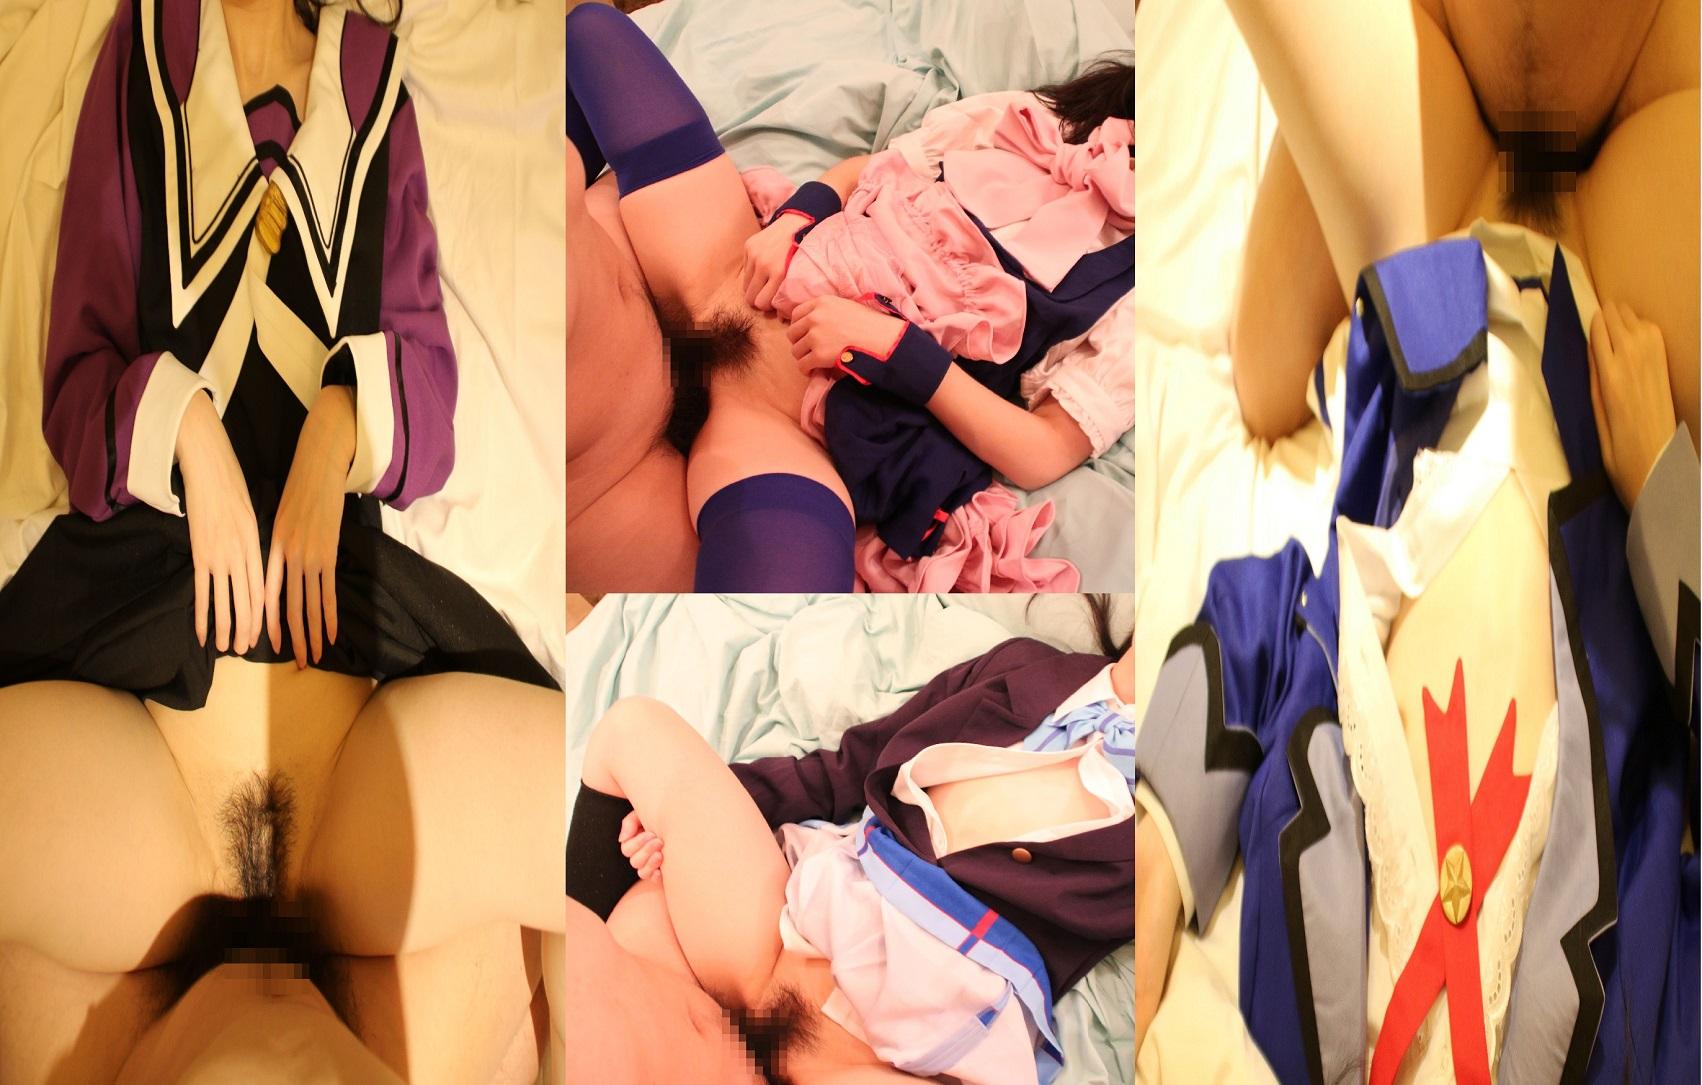 貧乳だけどコスプレしたかったのでついでにハメ撮りしてみた・りかのサンプル画像3